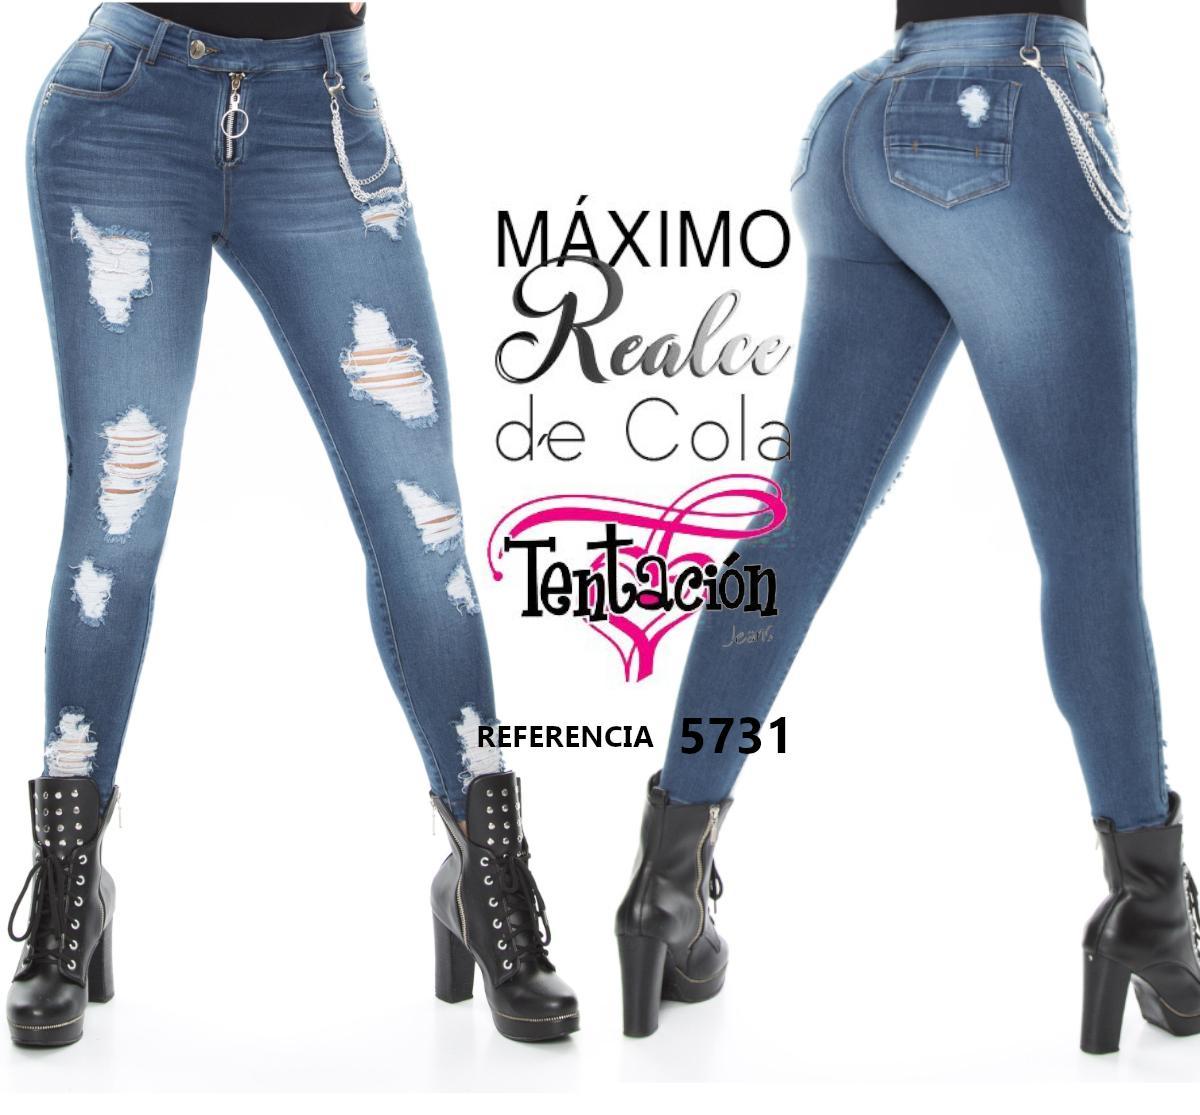 Jeans Vaqueros sin Bolsillos efecto Push Up Ajuste Perfecto, Curvas Perfectas